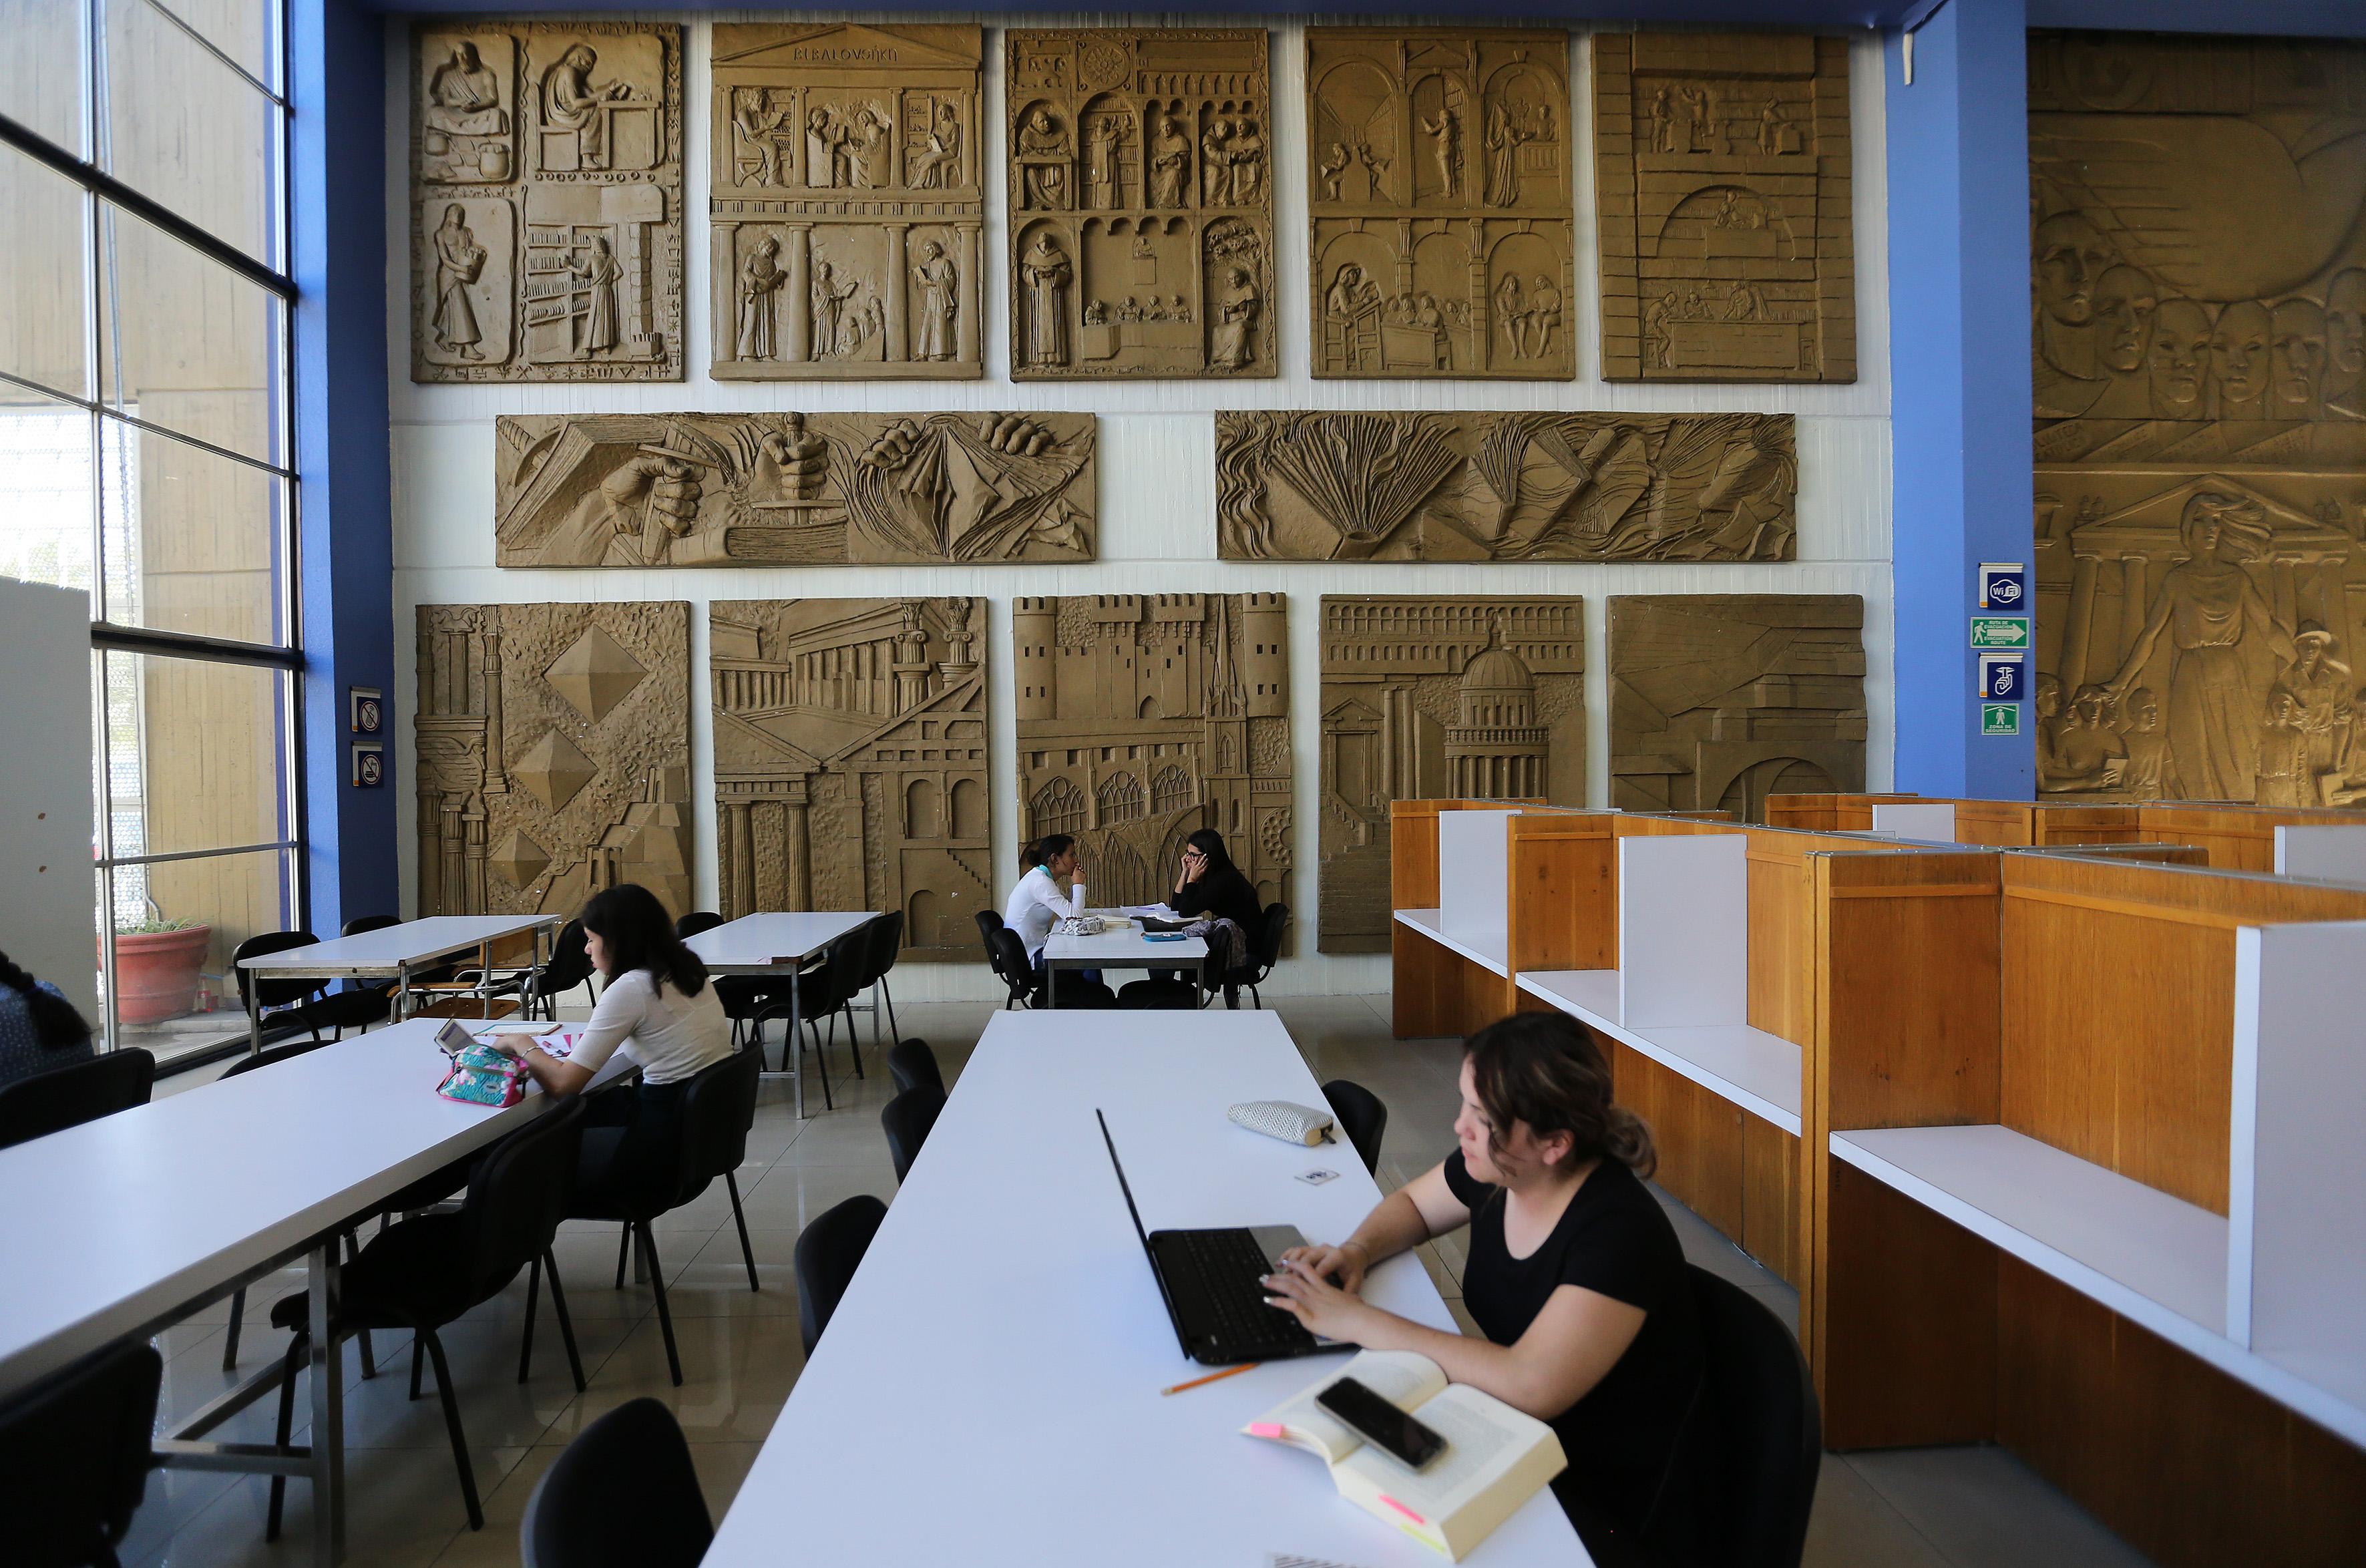 Alumnos utilizando las instalaciones de la  Biblioteca Manuel Rodríguez Lapuente del Centro Universitario de Ciencias Sociales y Humanidades (CUCSH) de la Universidad de Guadalajara (UdeG), sede La Normal